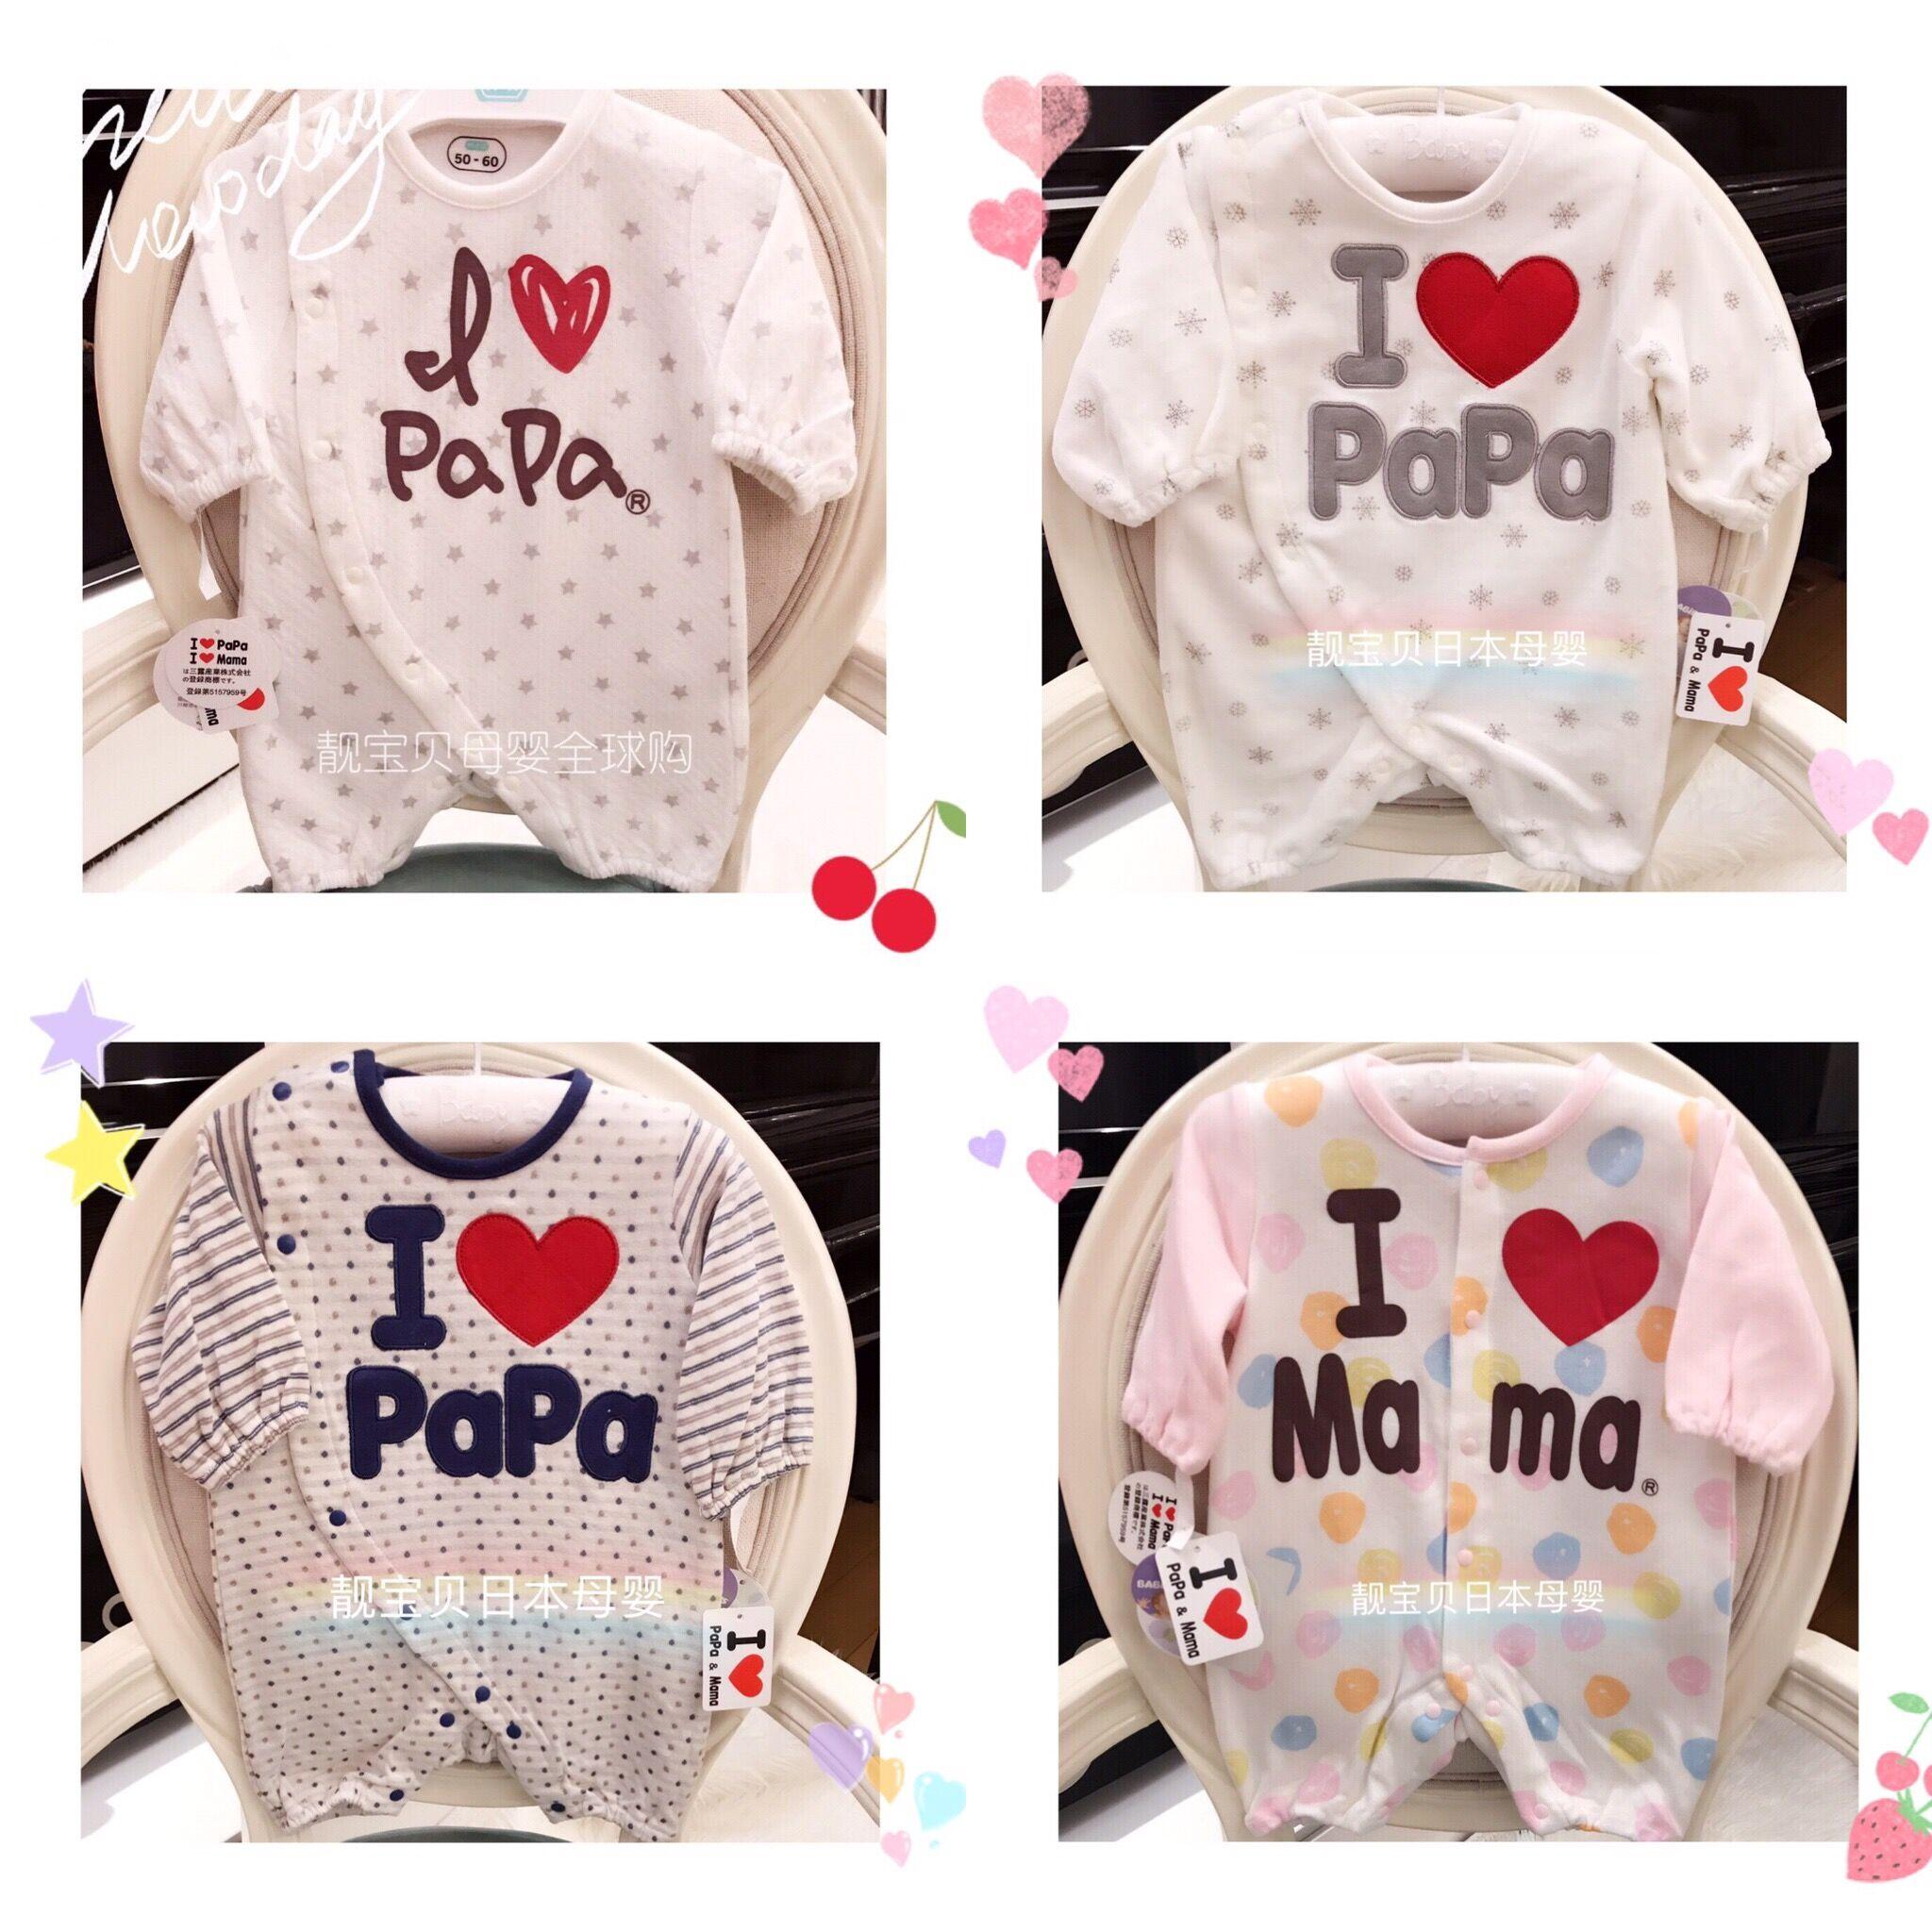 Сейчас в надичии япония I LOVE PAPA&MAMA я люблю папу мама новорожденный ребенок хлопок ребенок сиамский ползунки